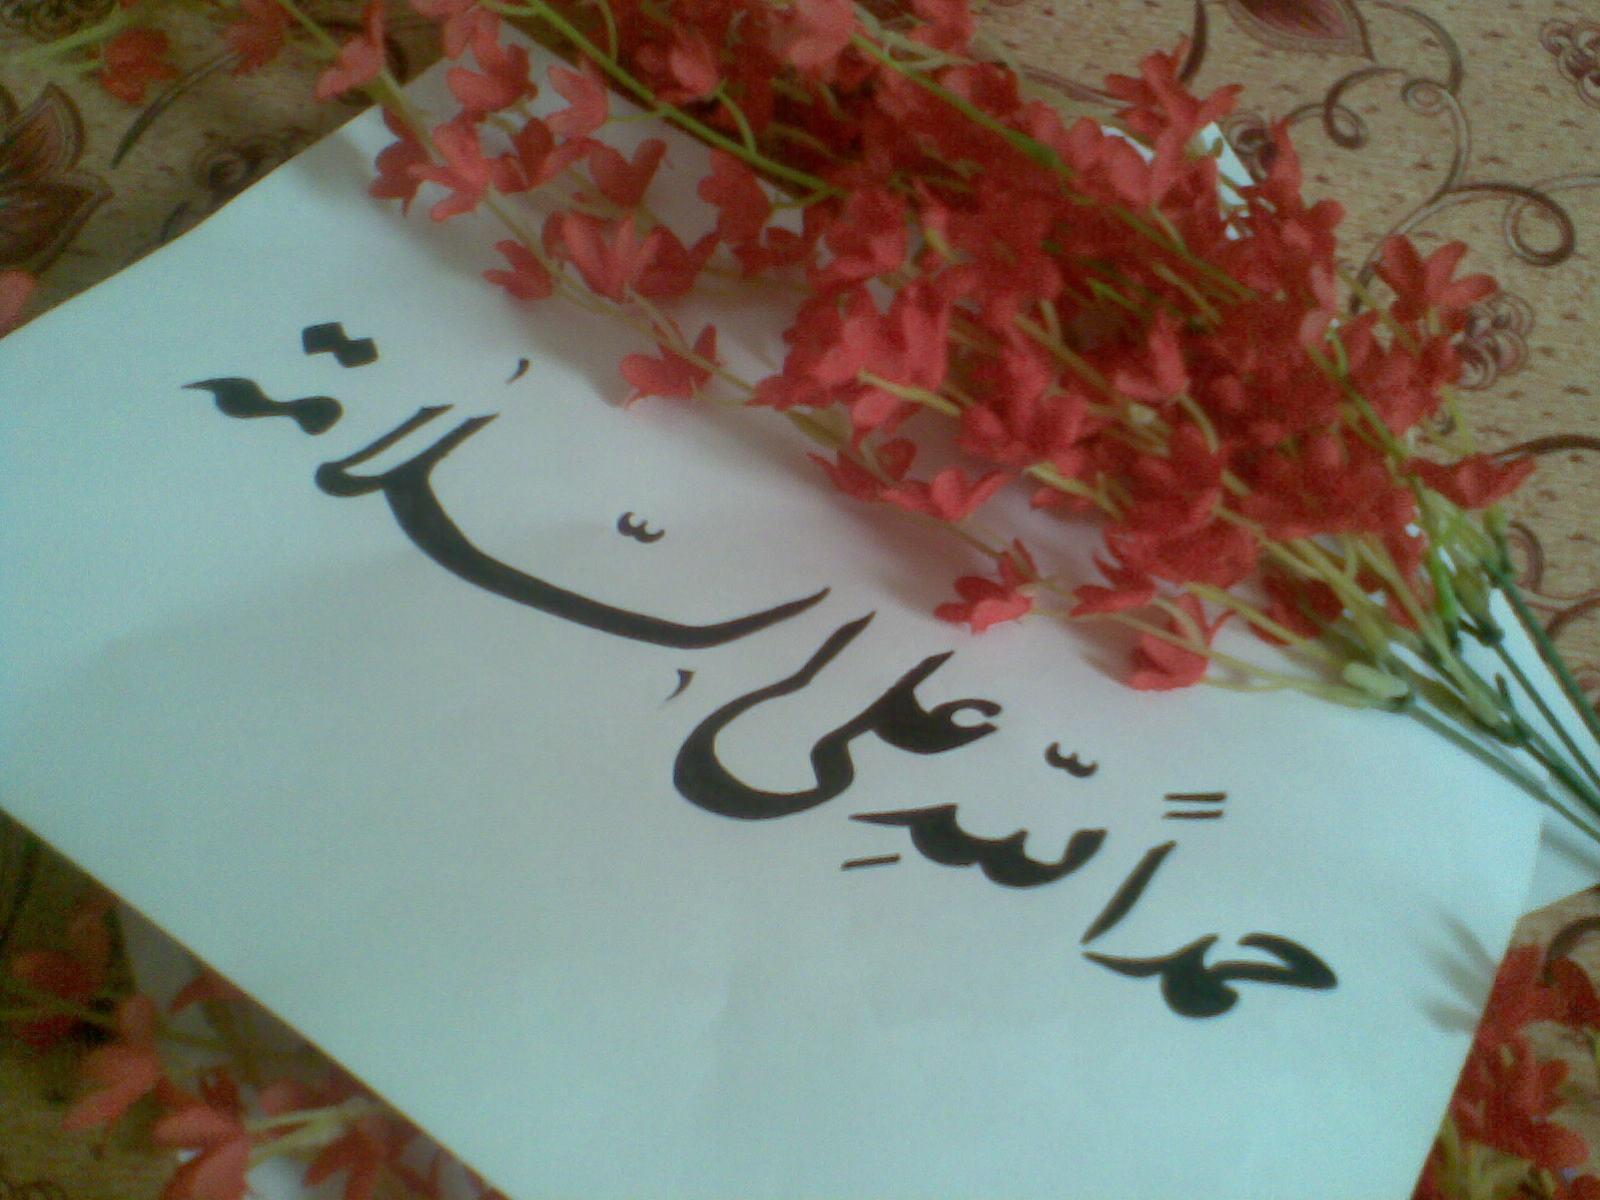 محمد رضى مصطفى عمرو ـ الحمدالله على السلامة